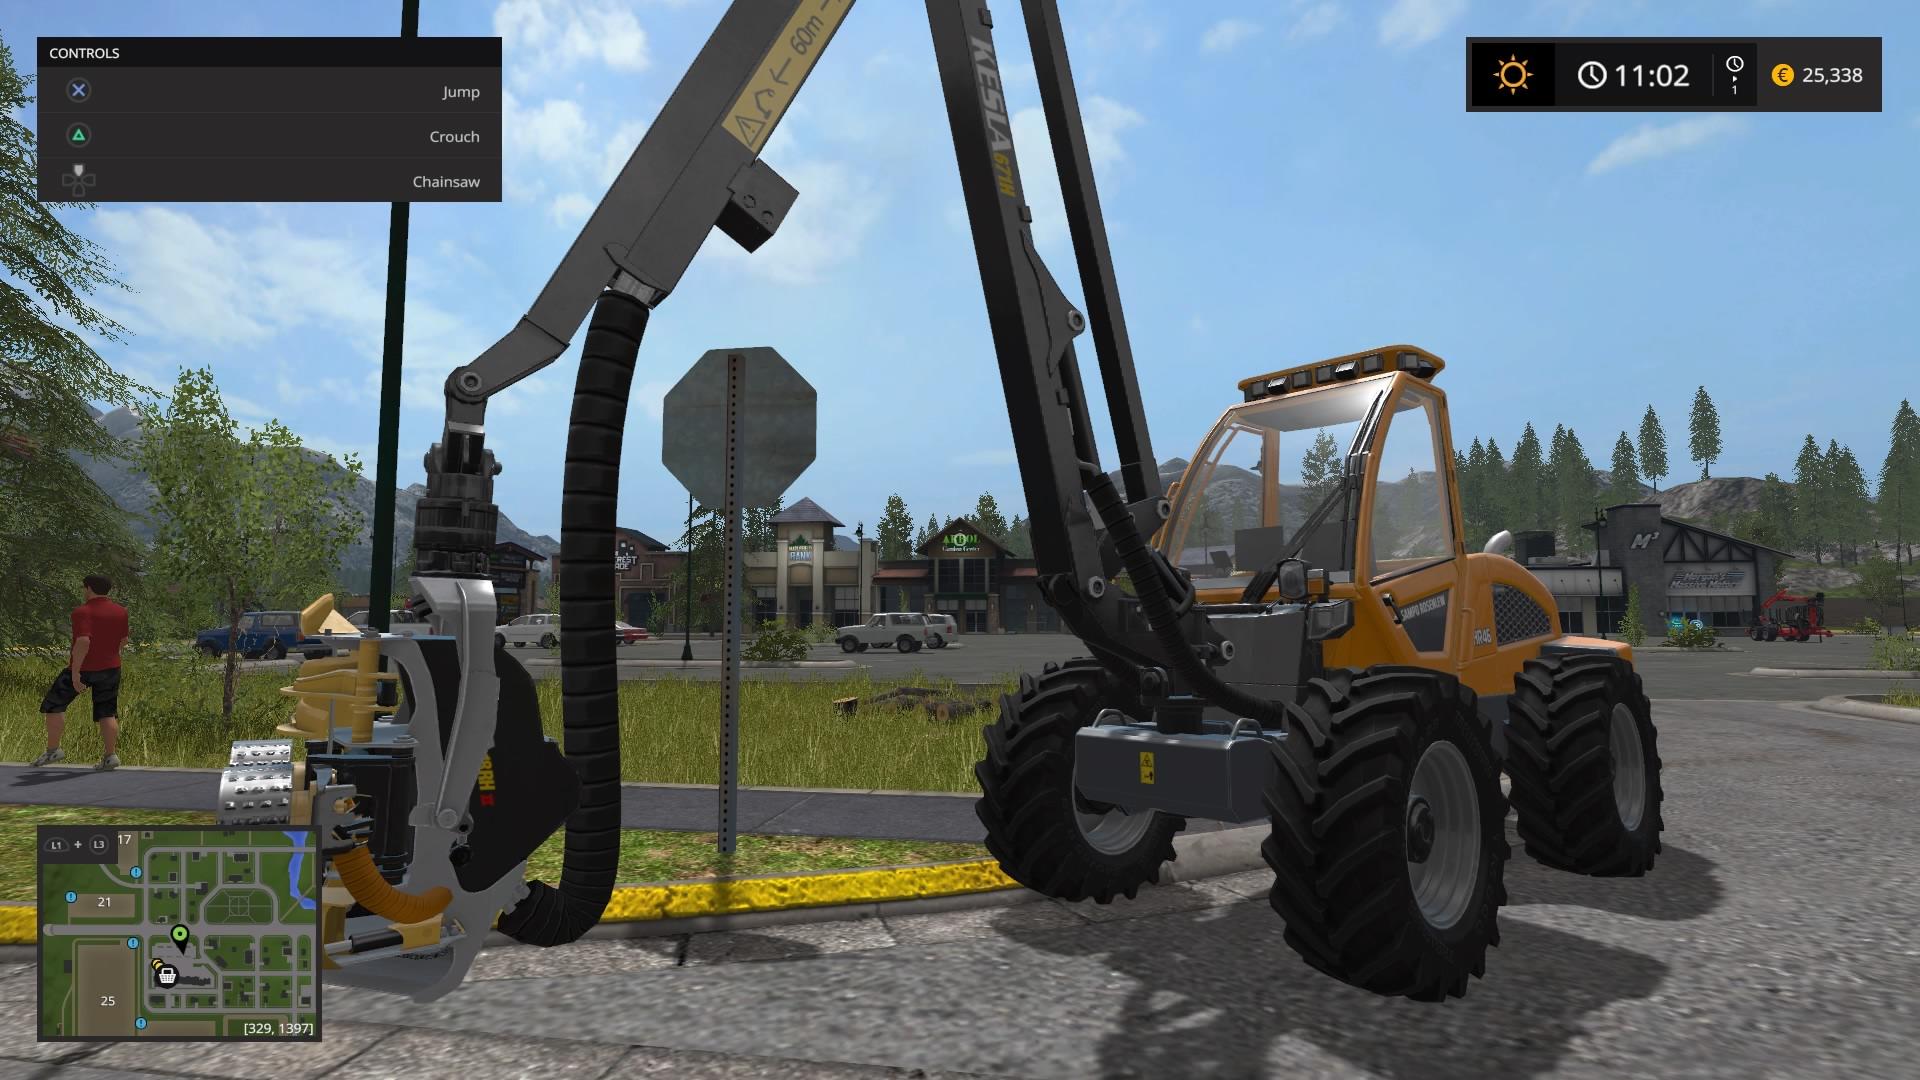 Pikkukaupunki saa uuden ilmeen kun koneinnostunut pelaaja innostuu puiden kaatamisesta.